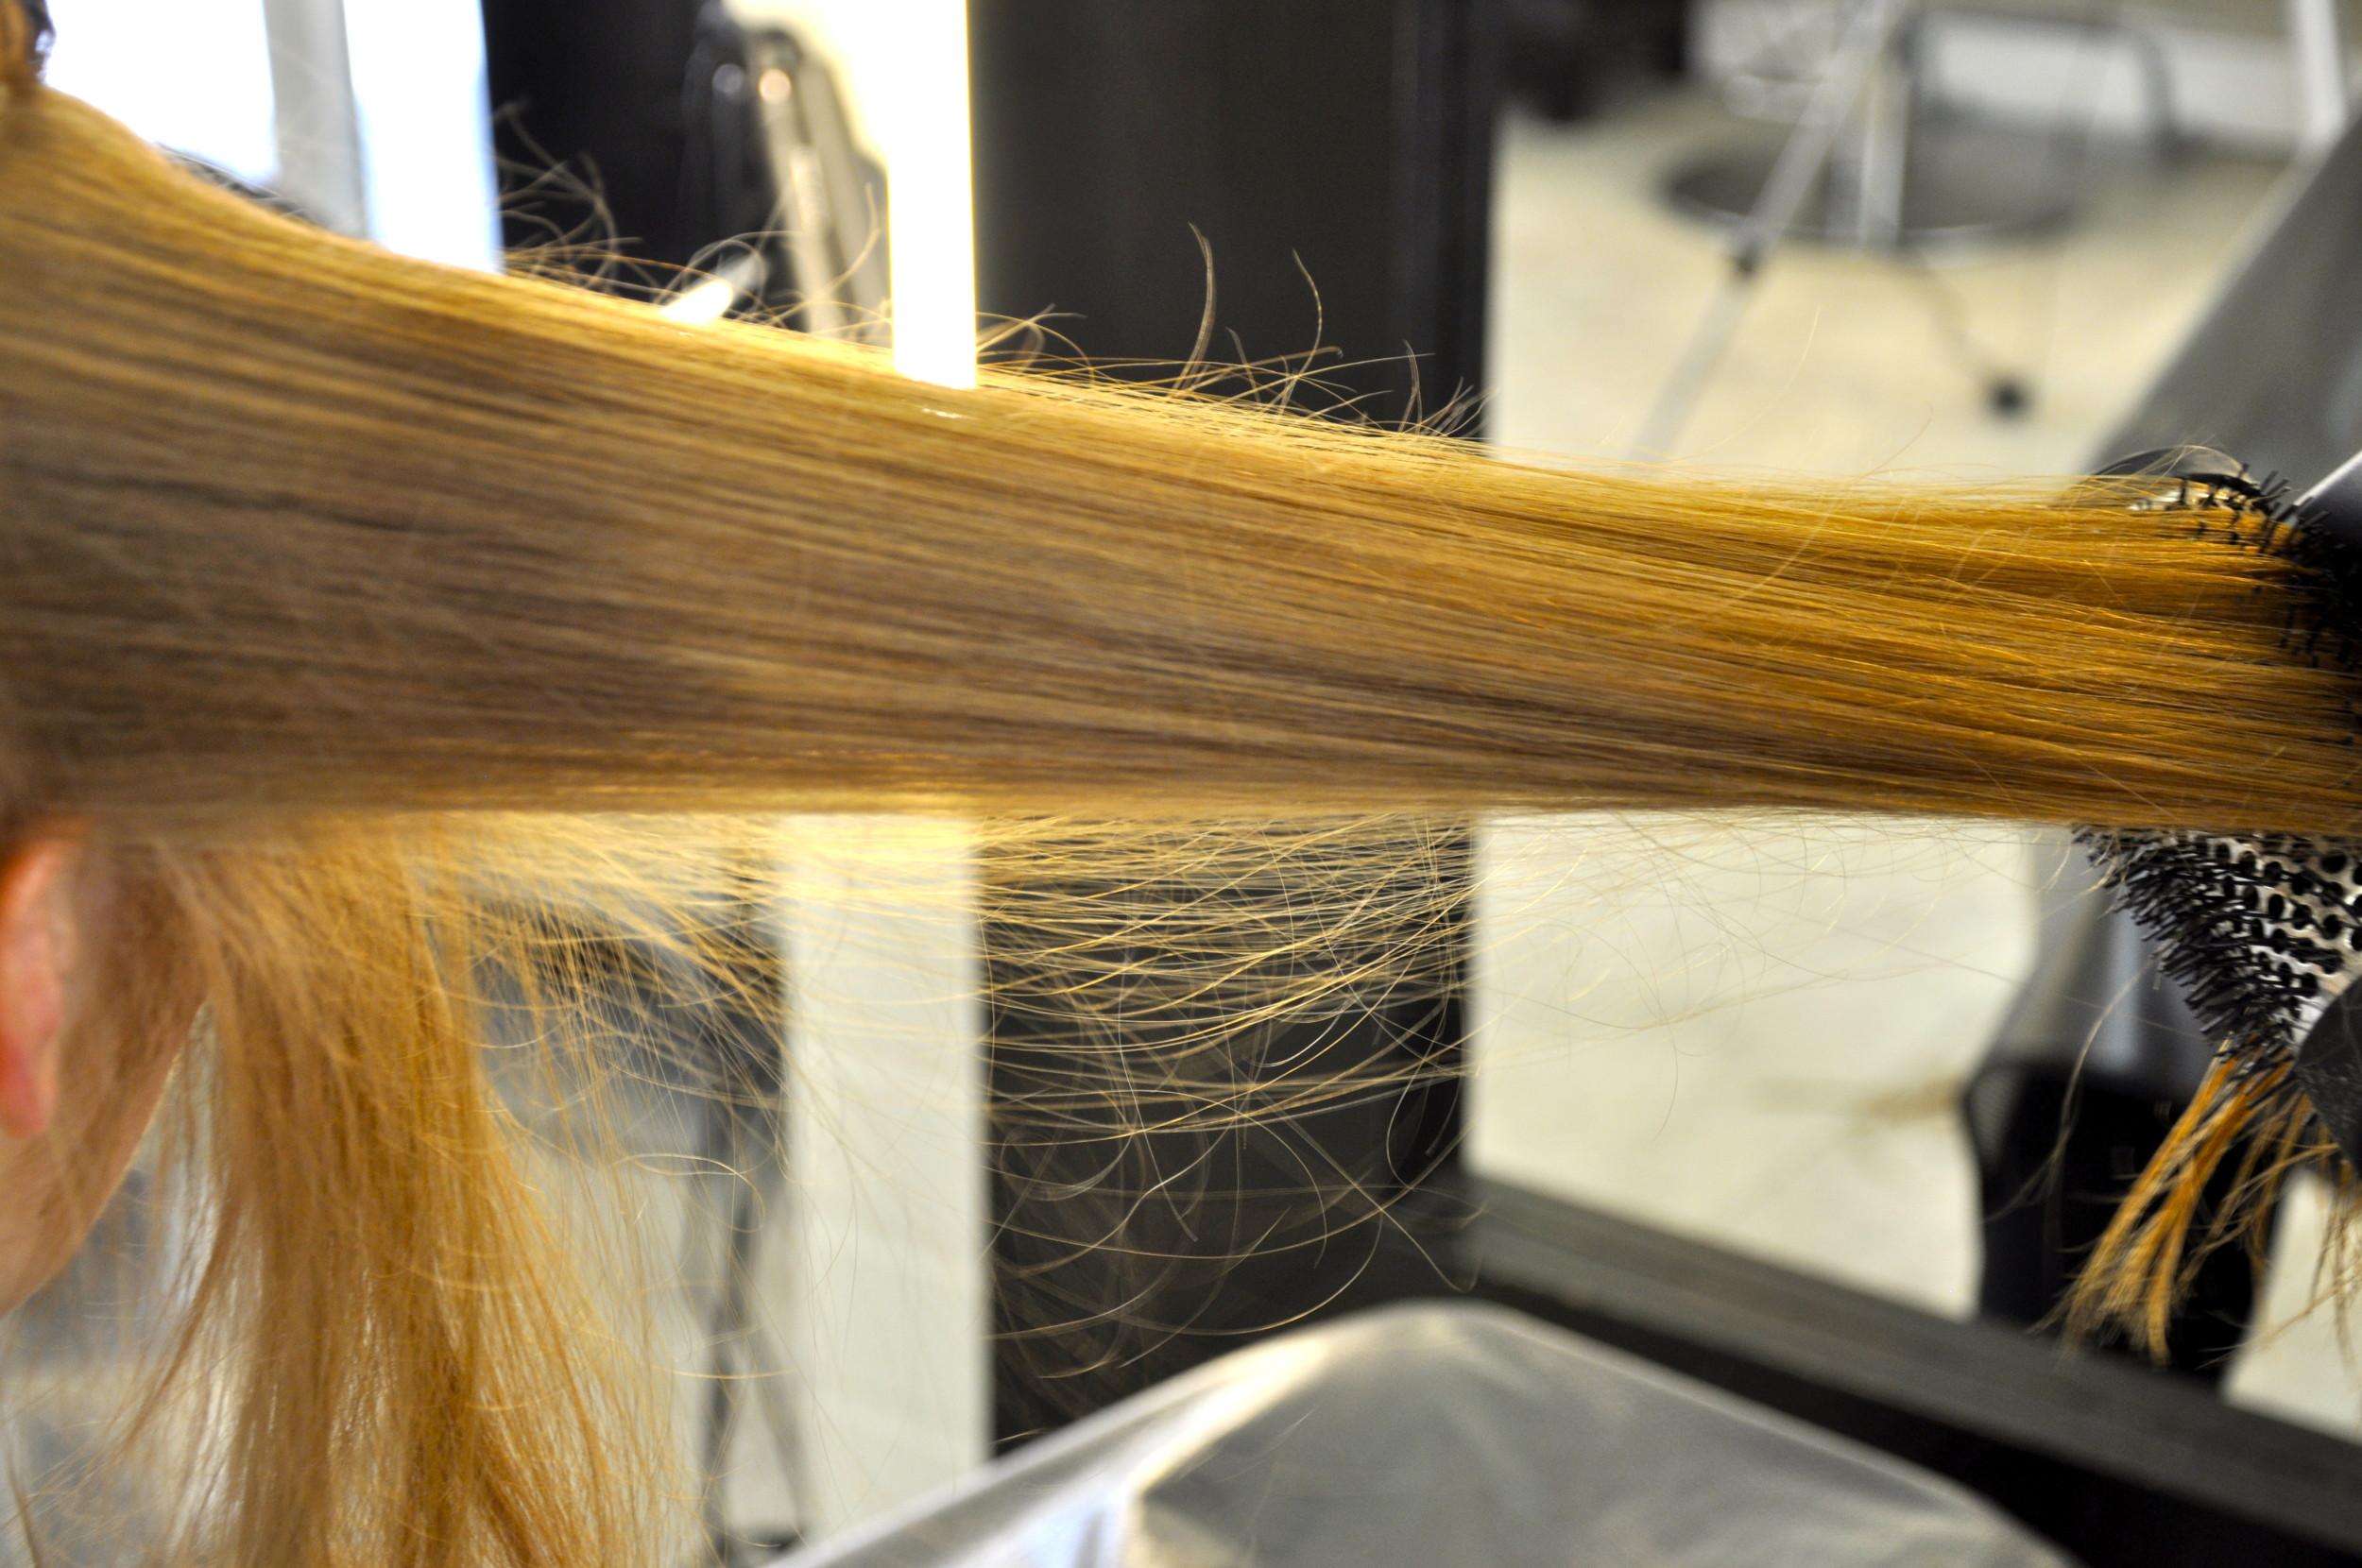 Hiukset föönattiin luonnollisen taipuisaksi